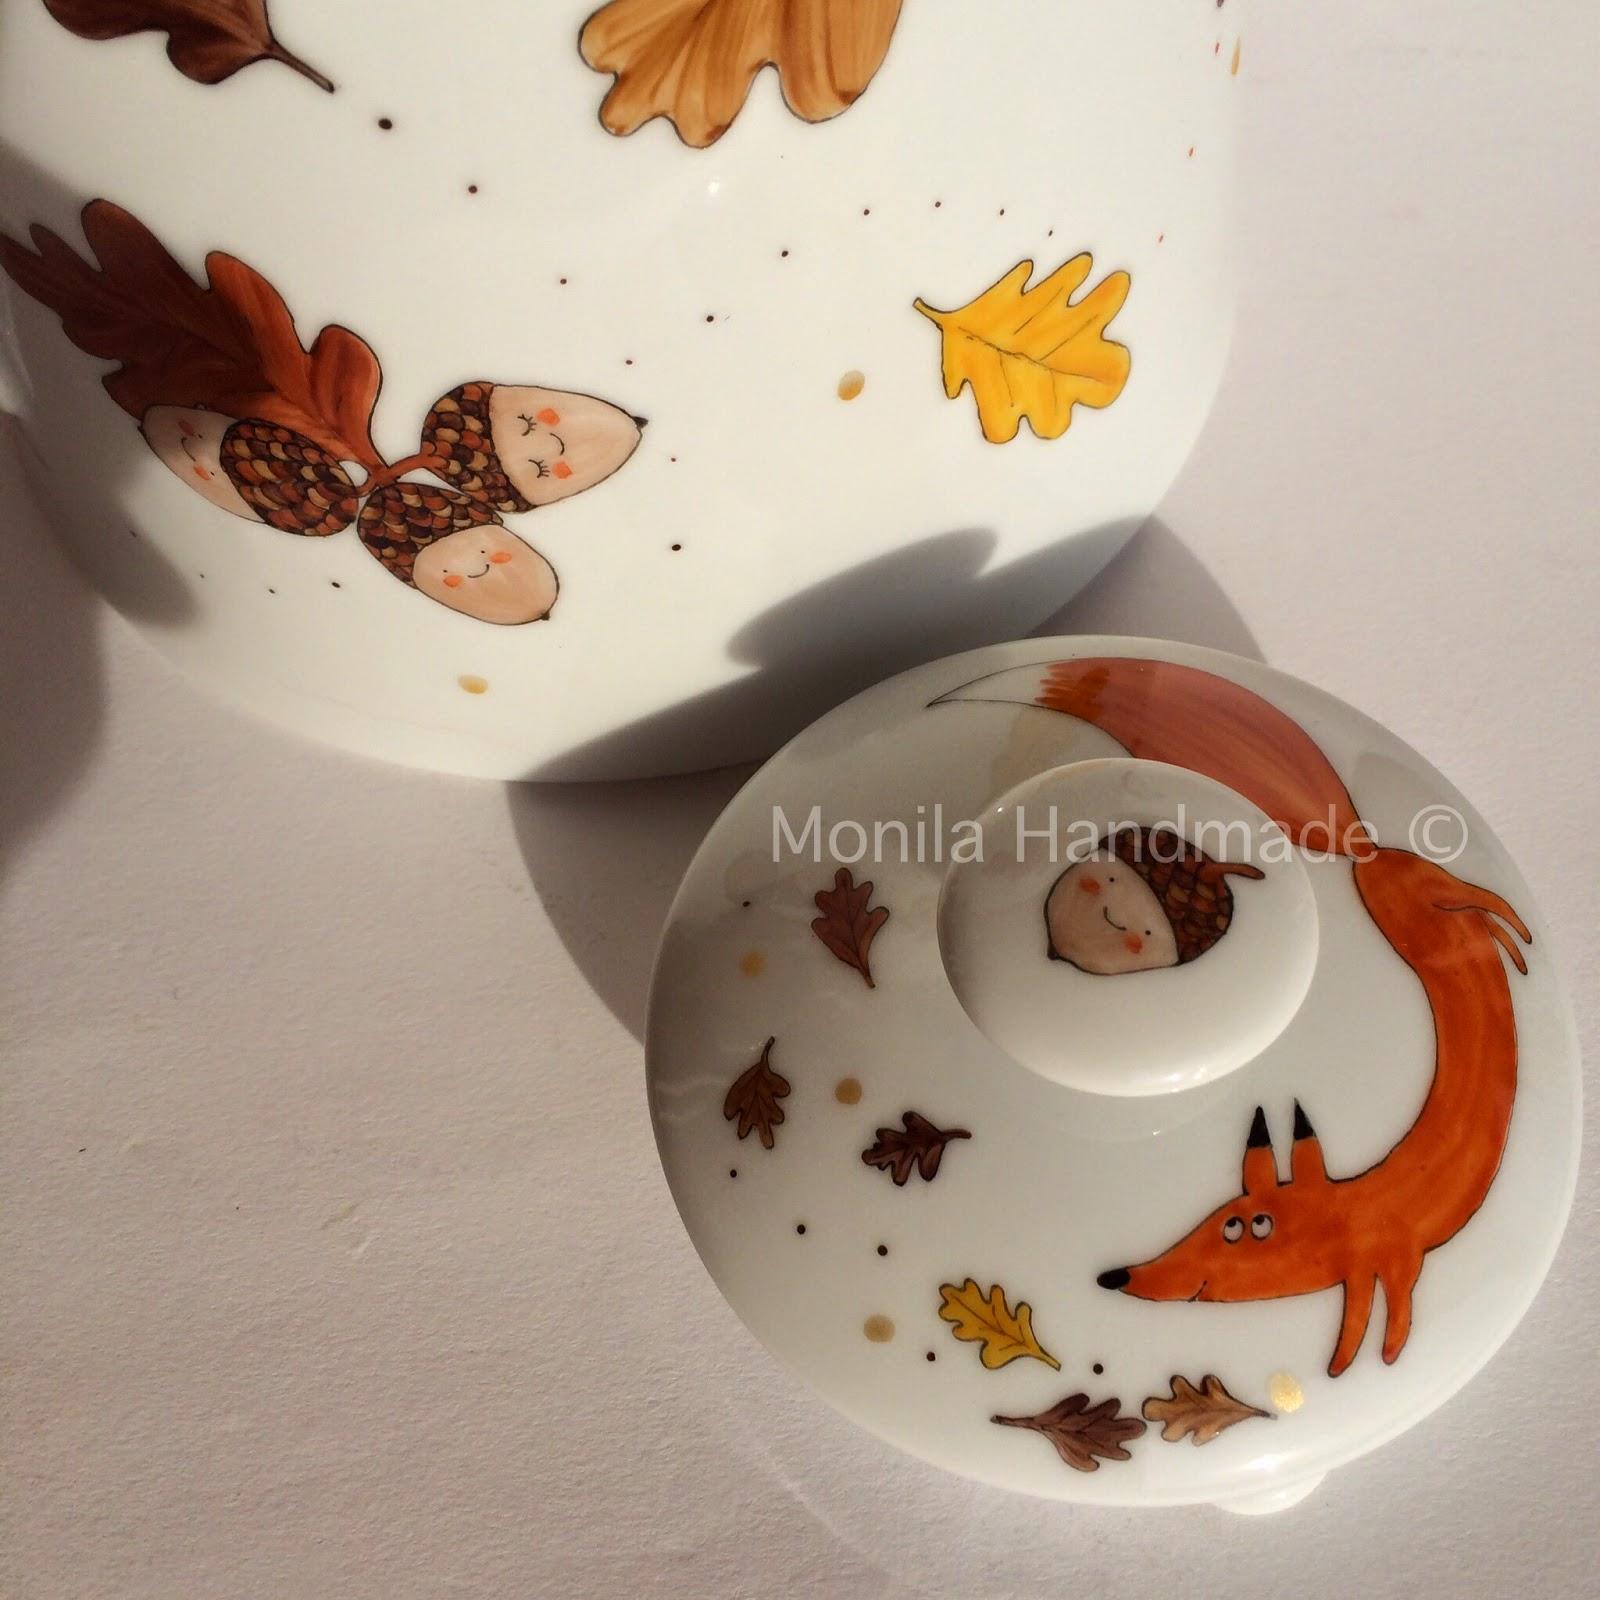 Monila Handmade,autunno,ghiande,volpe,porcellana,dipinto a mano